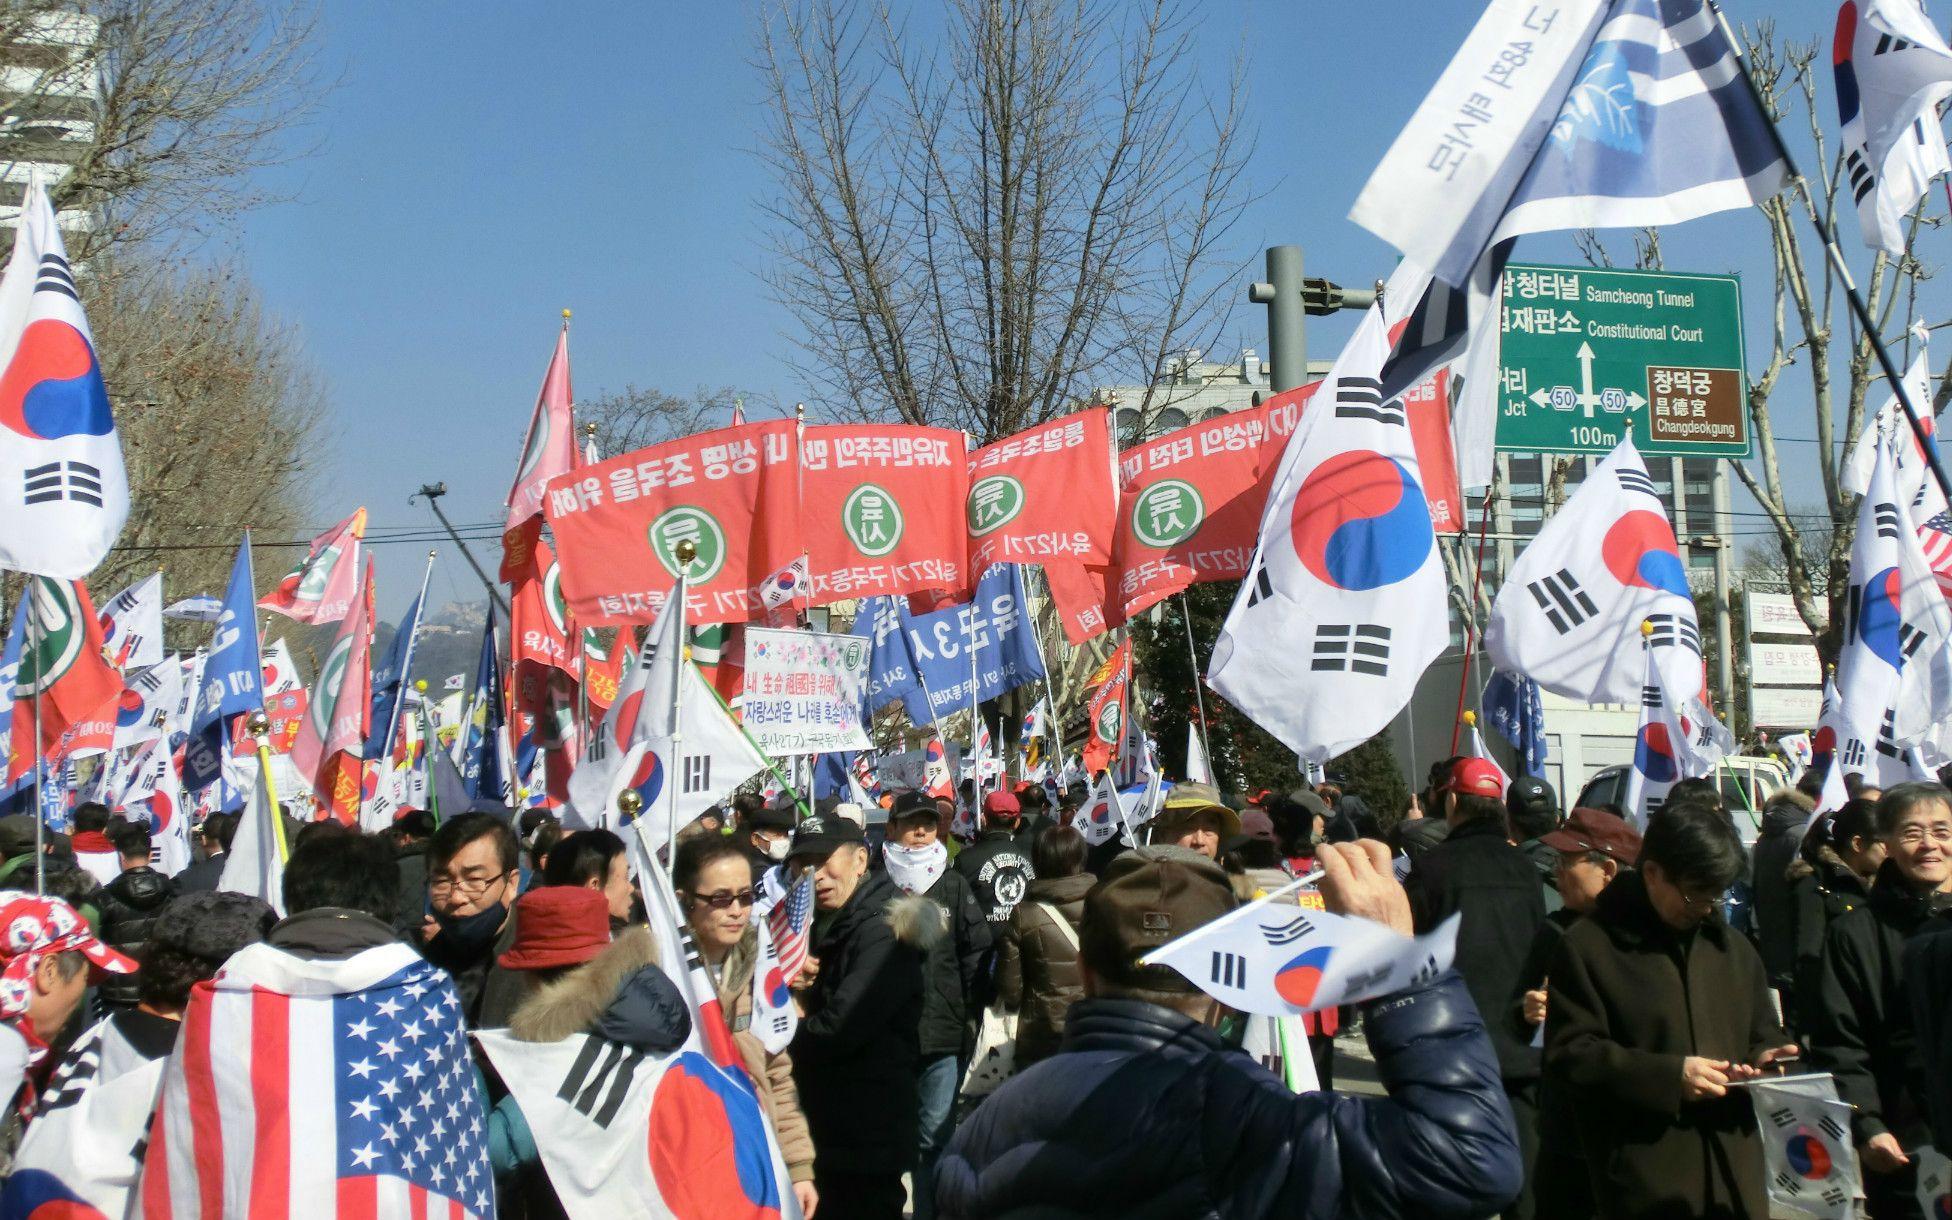 太極集会に参加する人々 ©菅野朋子